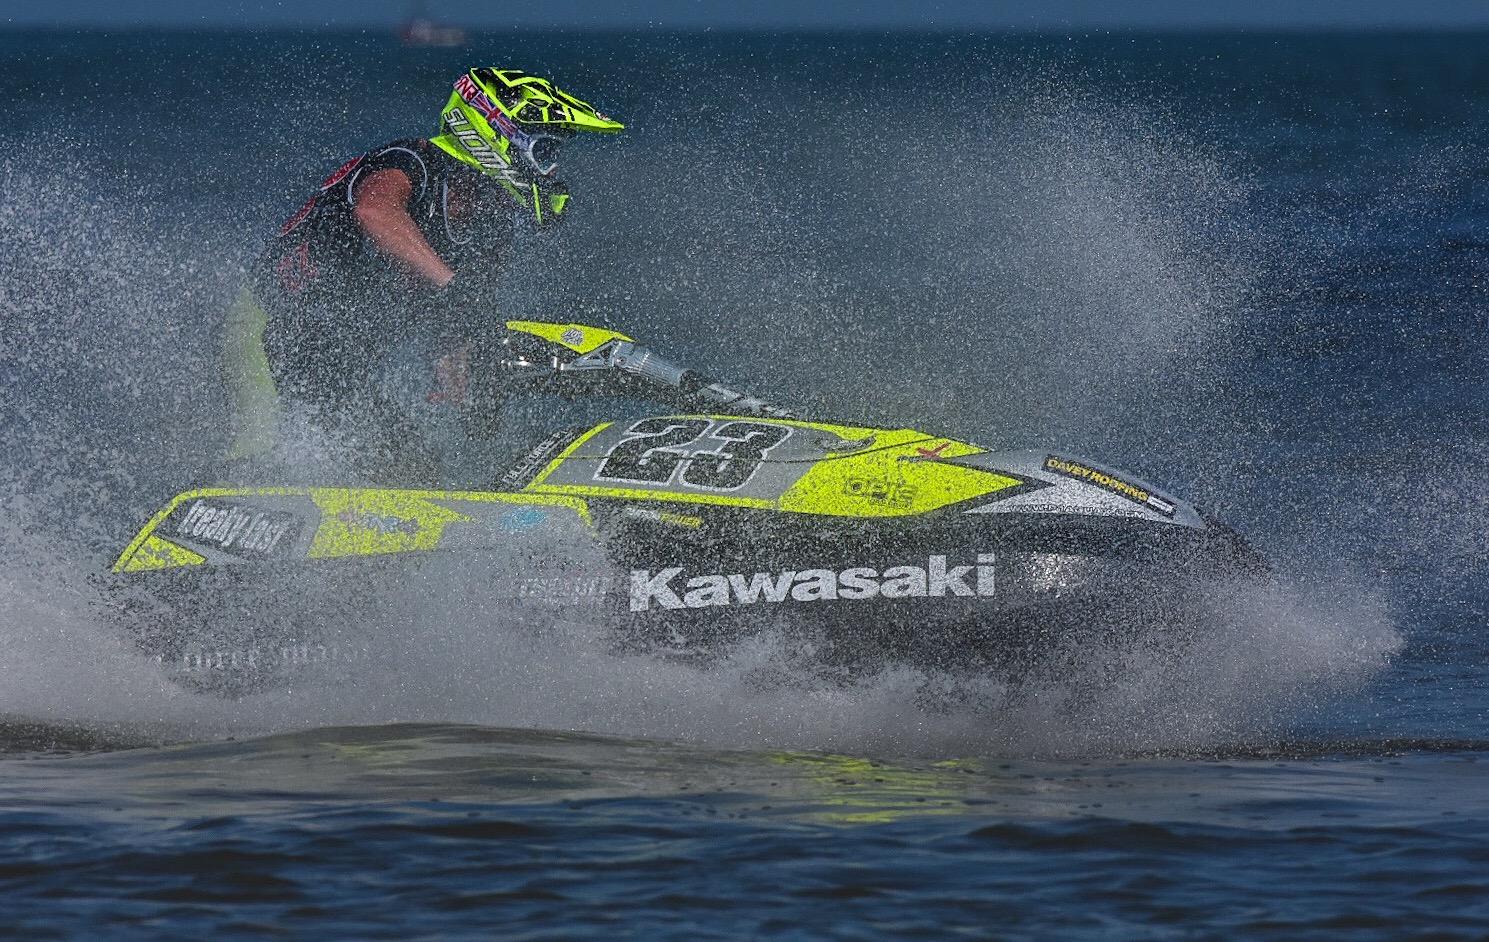 Jet ski racing Minhead UK